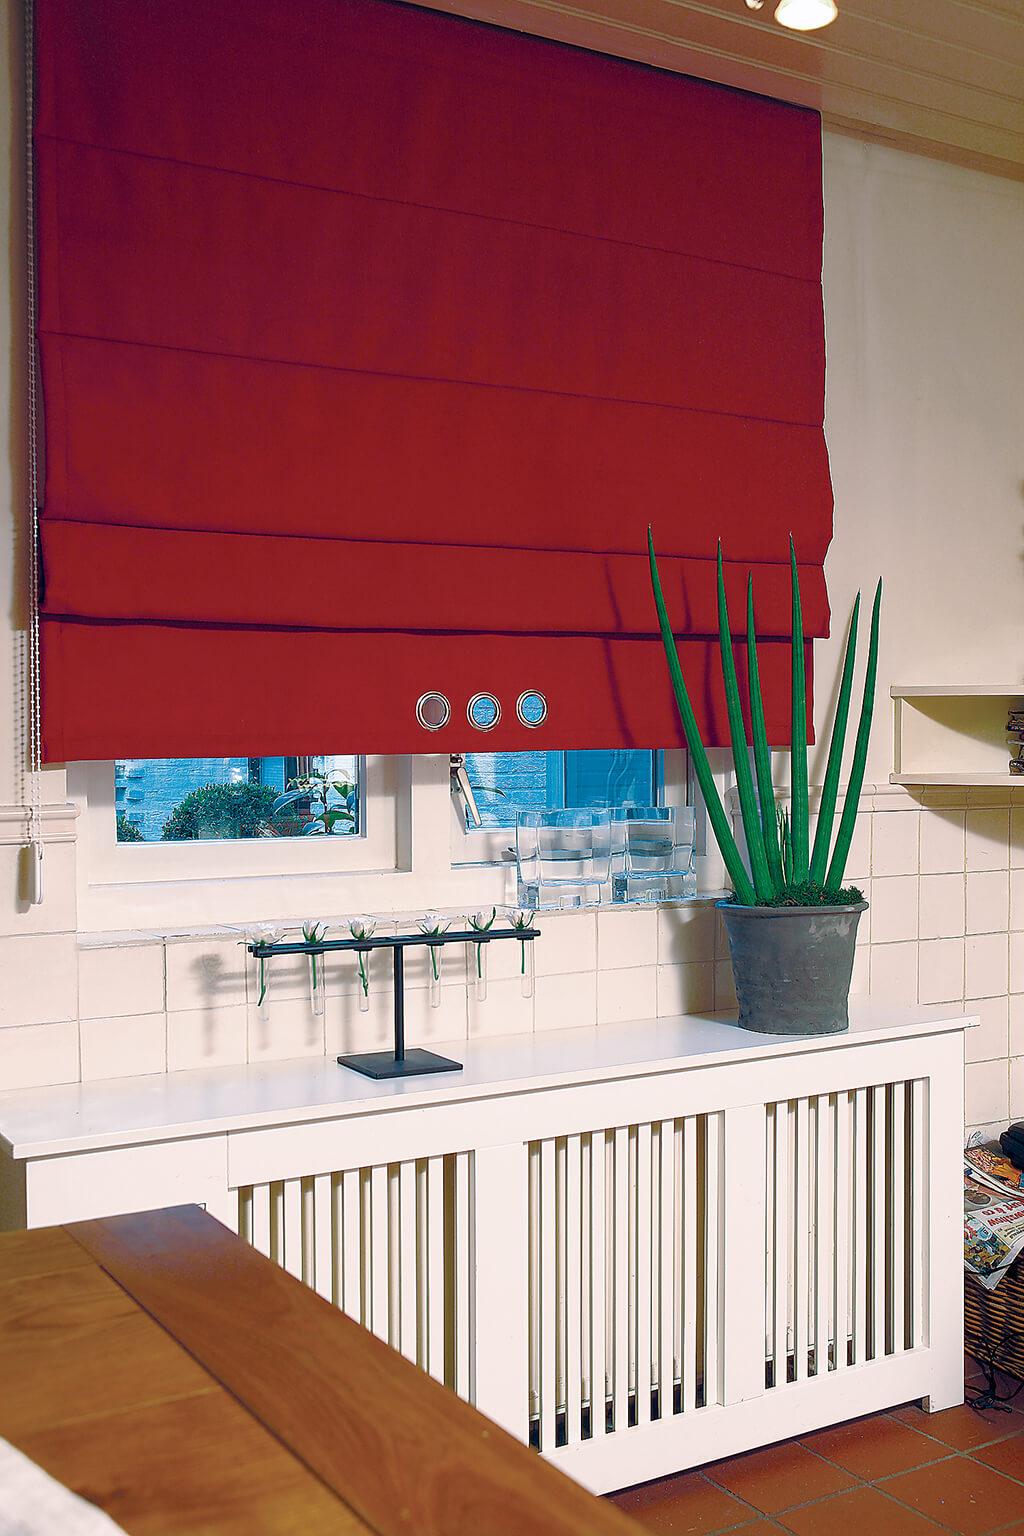 Rotes Faltrollo mit Querstreben und weißer Kunststoffkette als Bedienelement auf der linken Seite